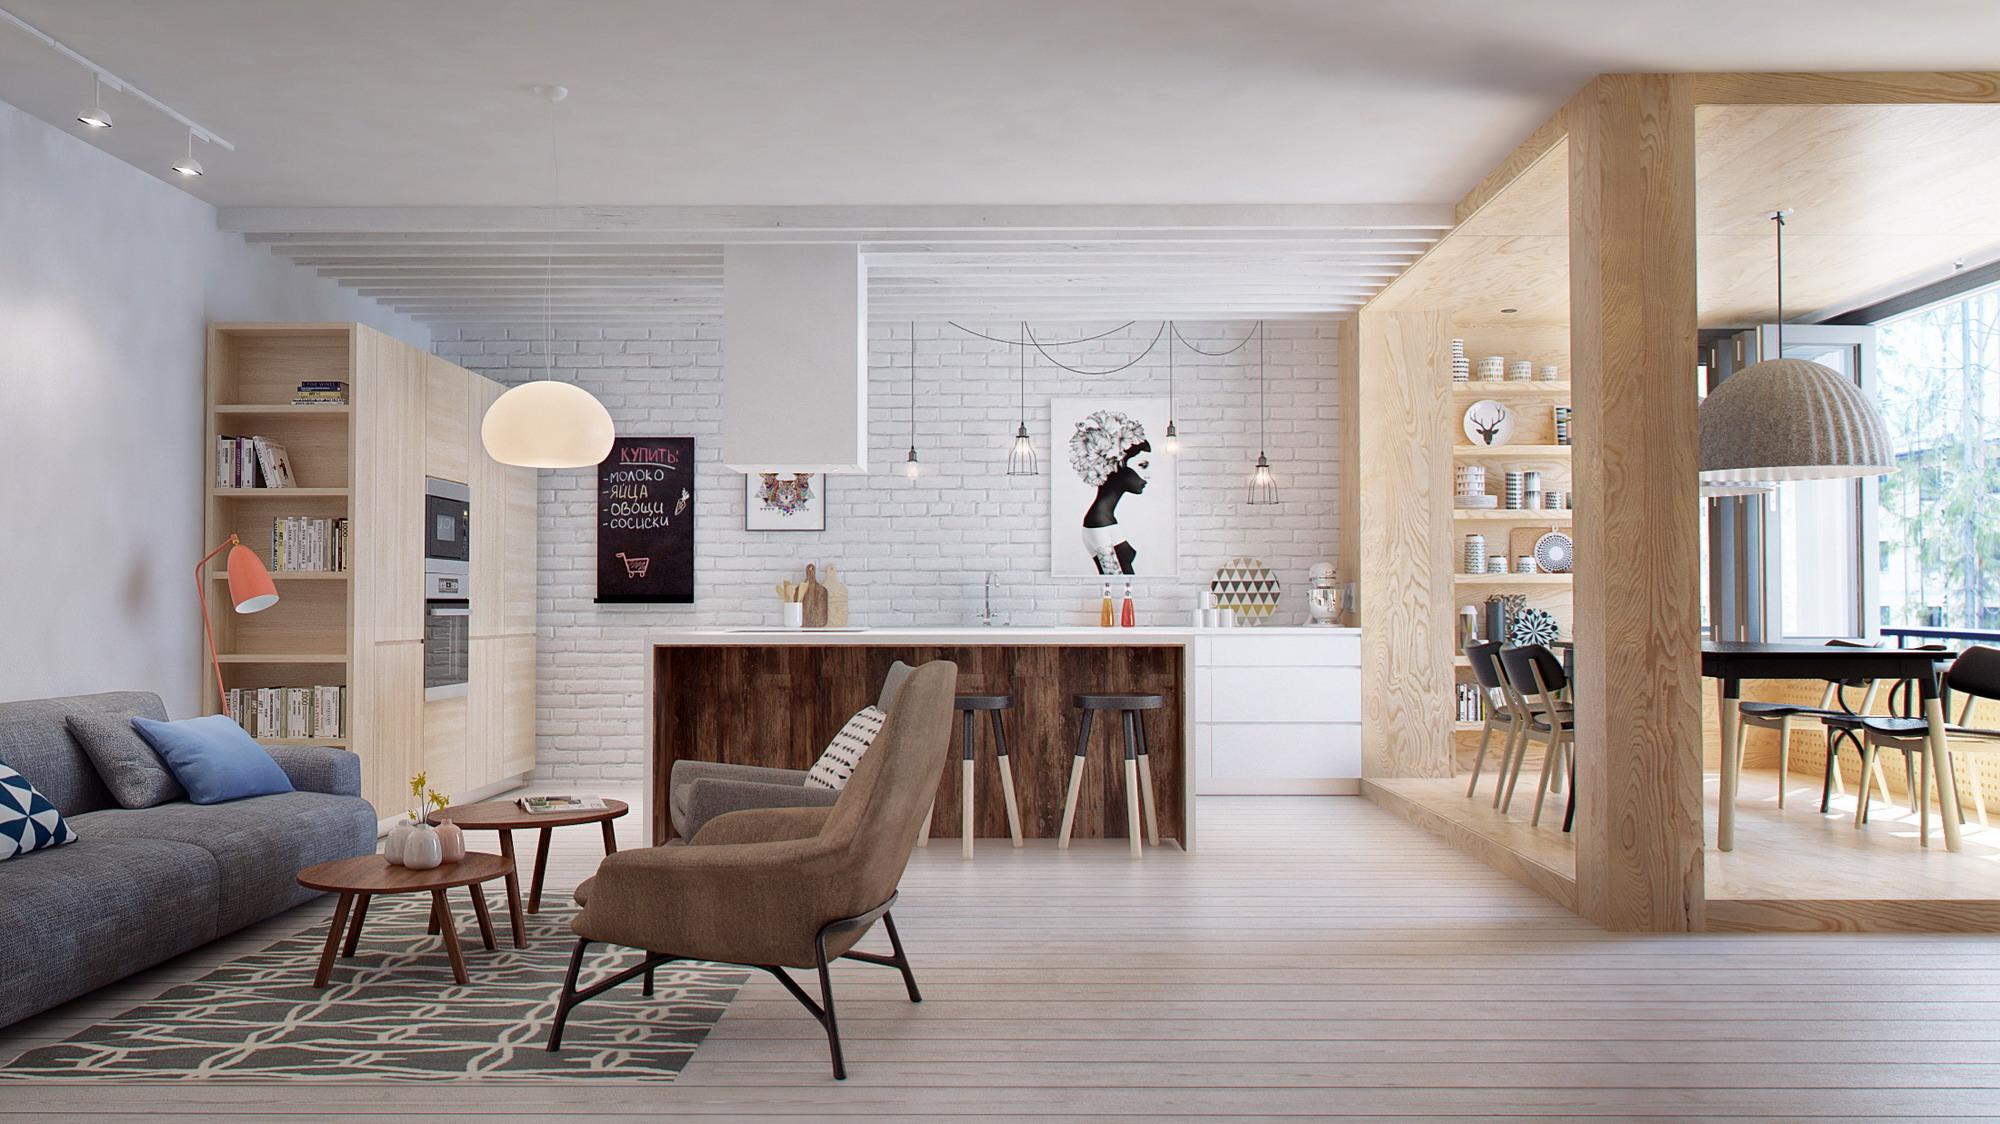 这个角度可以清晰的看到卧室和客厅是一体式